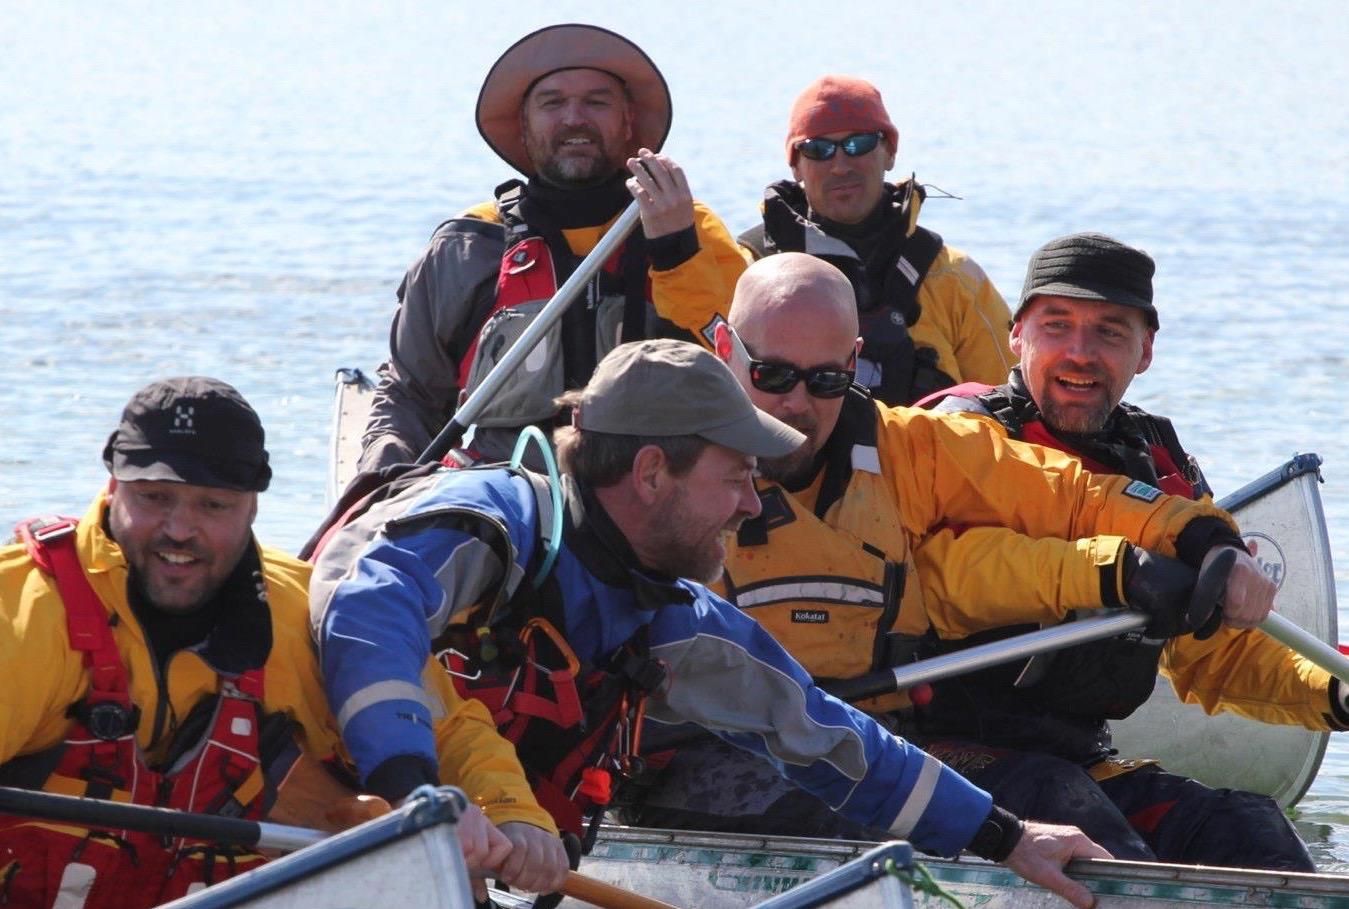 team canoe